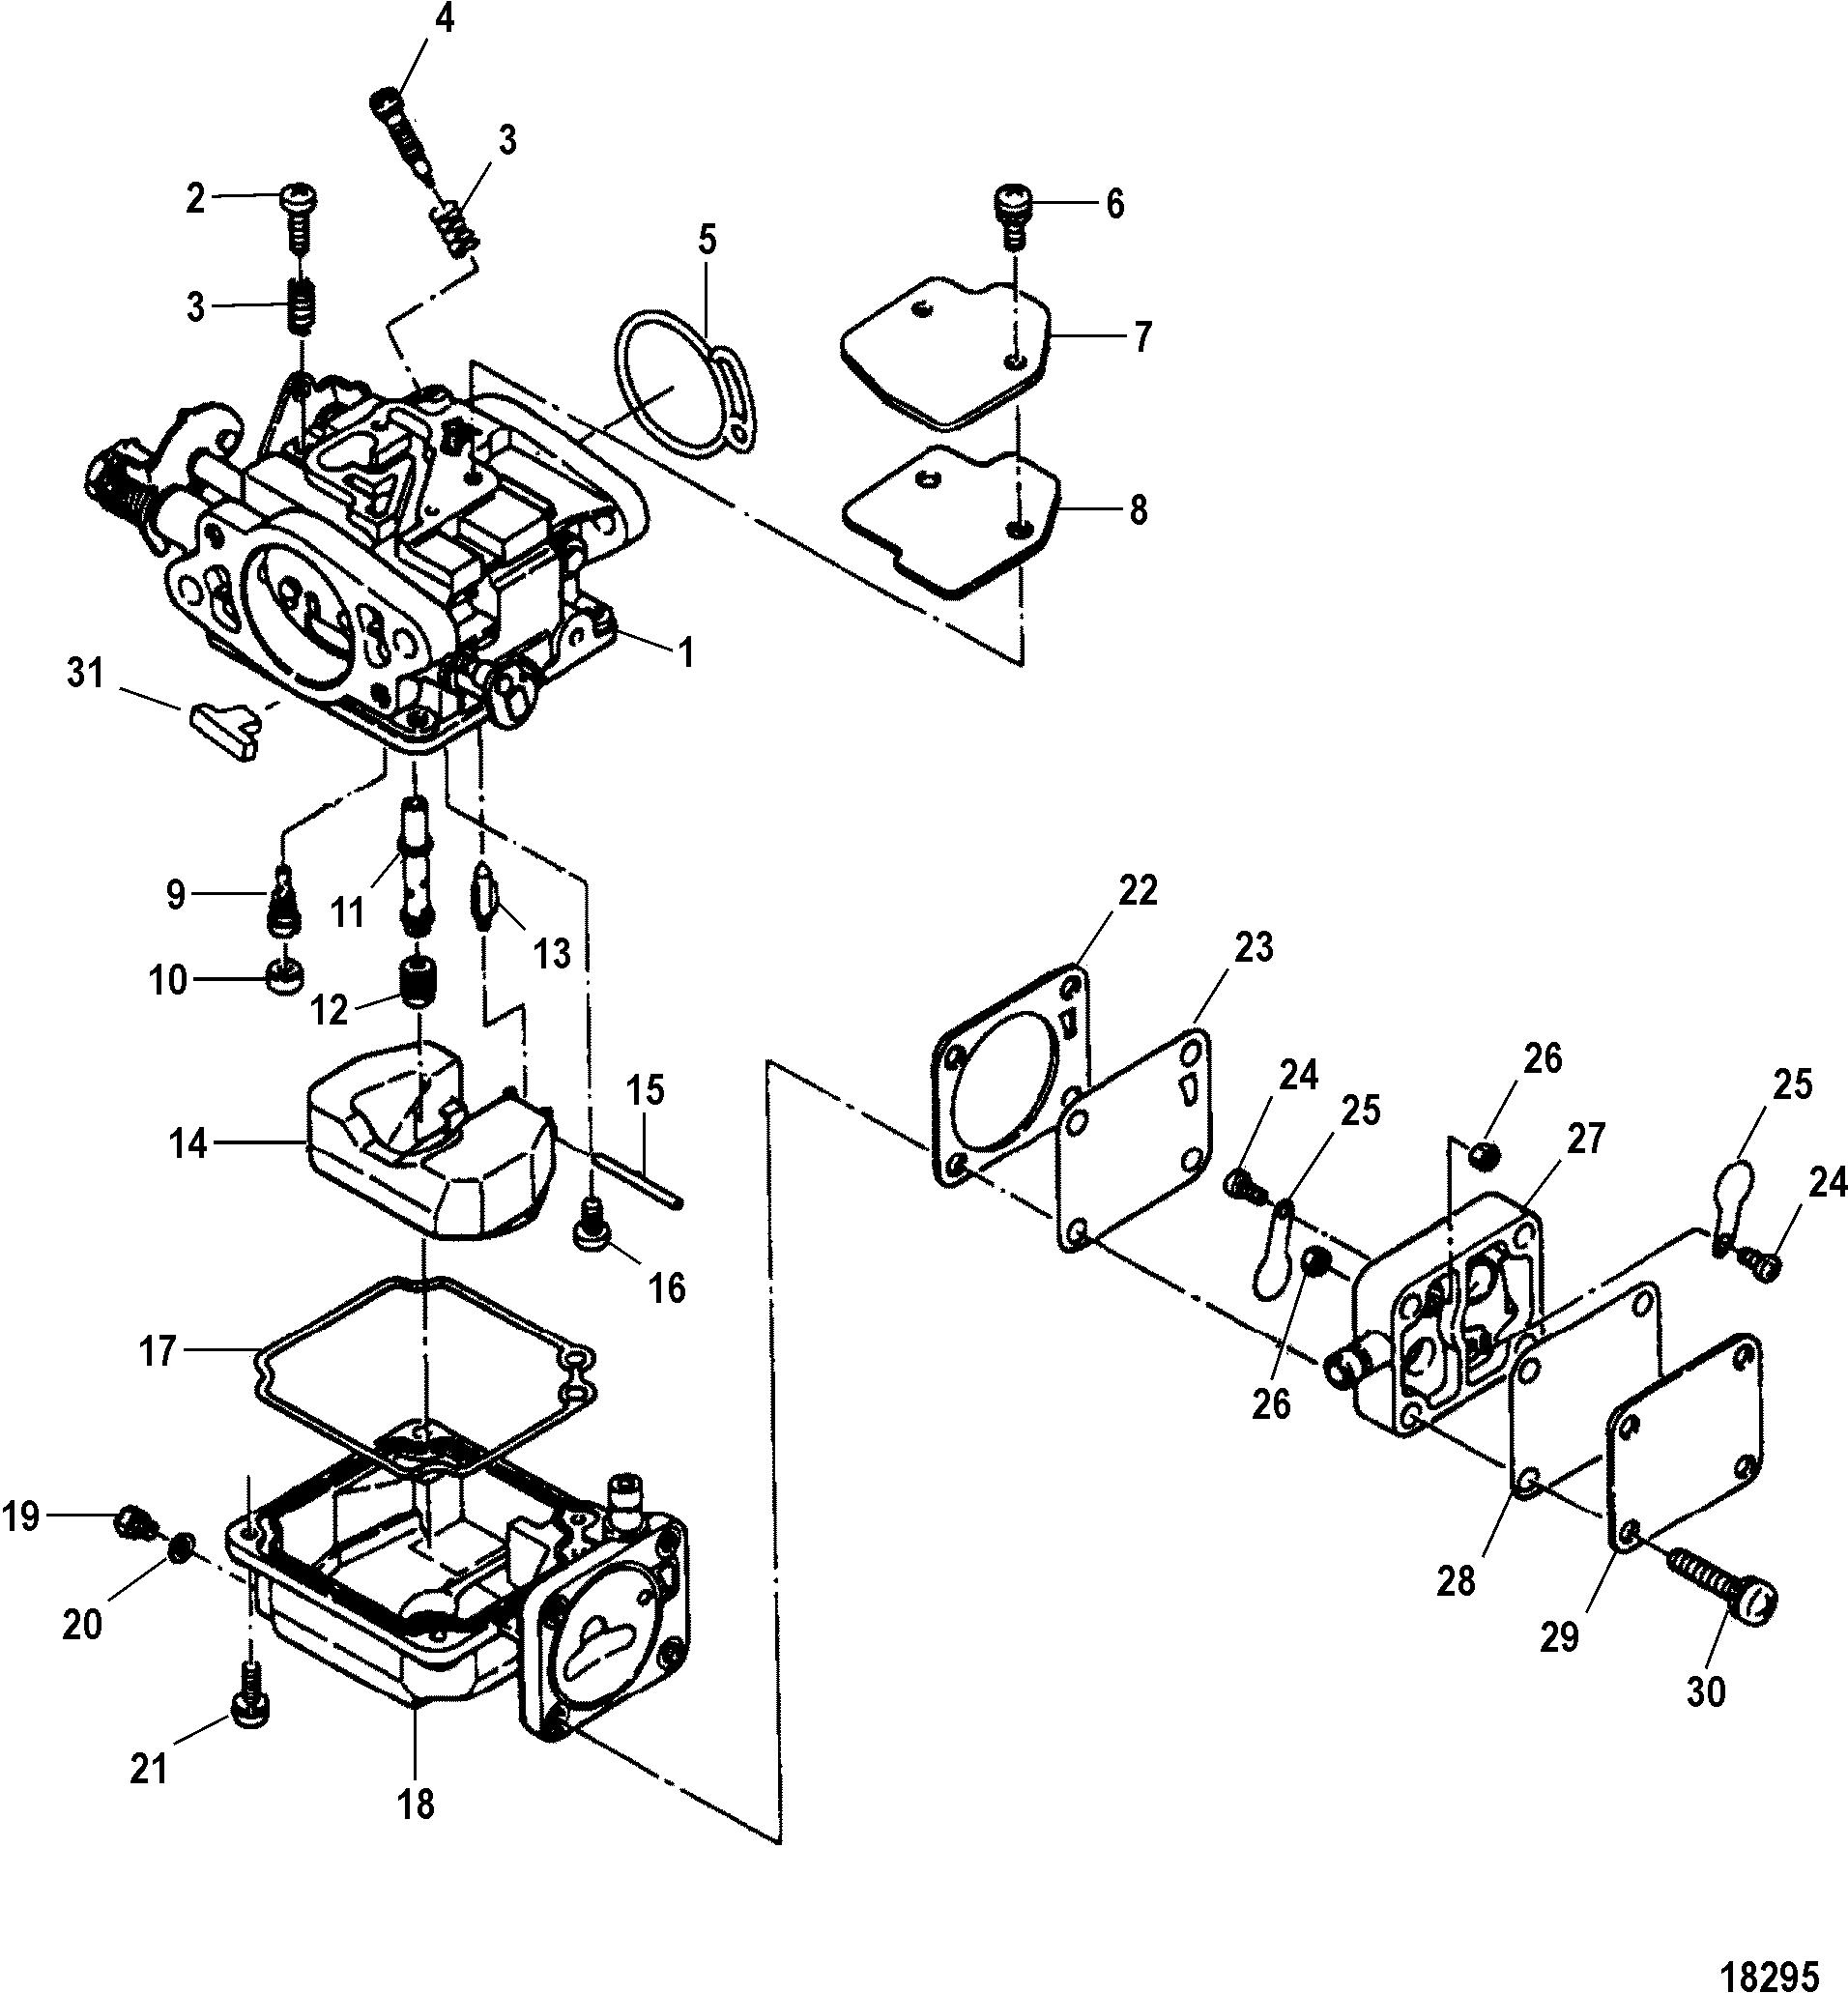 mercury-2cyl-20-hp-2-stroke-wiring-diagram-10  Cylinder Mercury Outboard Motor Wiring Diagram on 50 hp trim, kill switch,